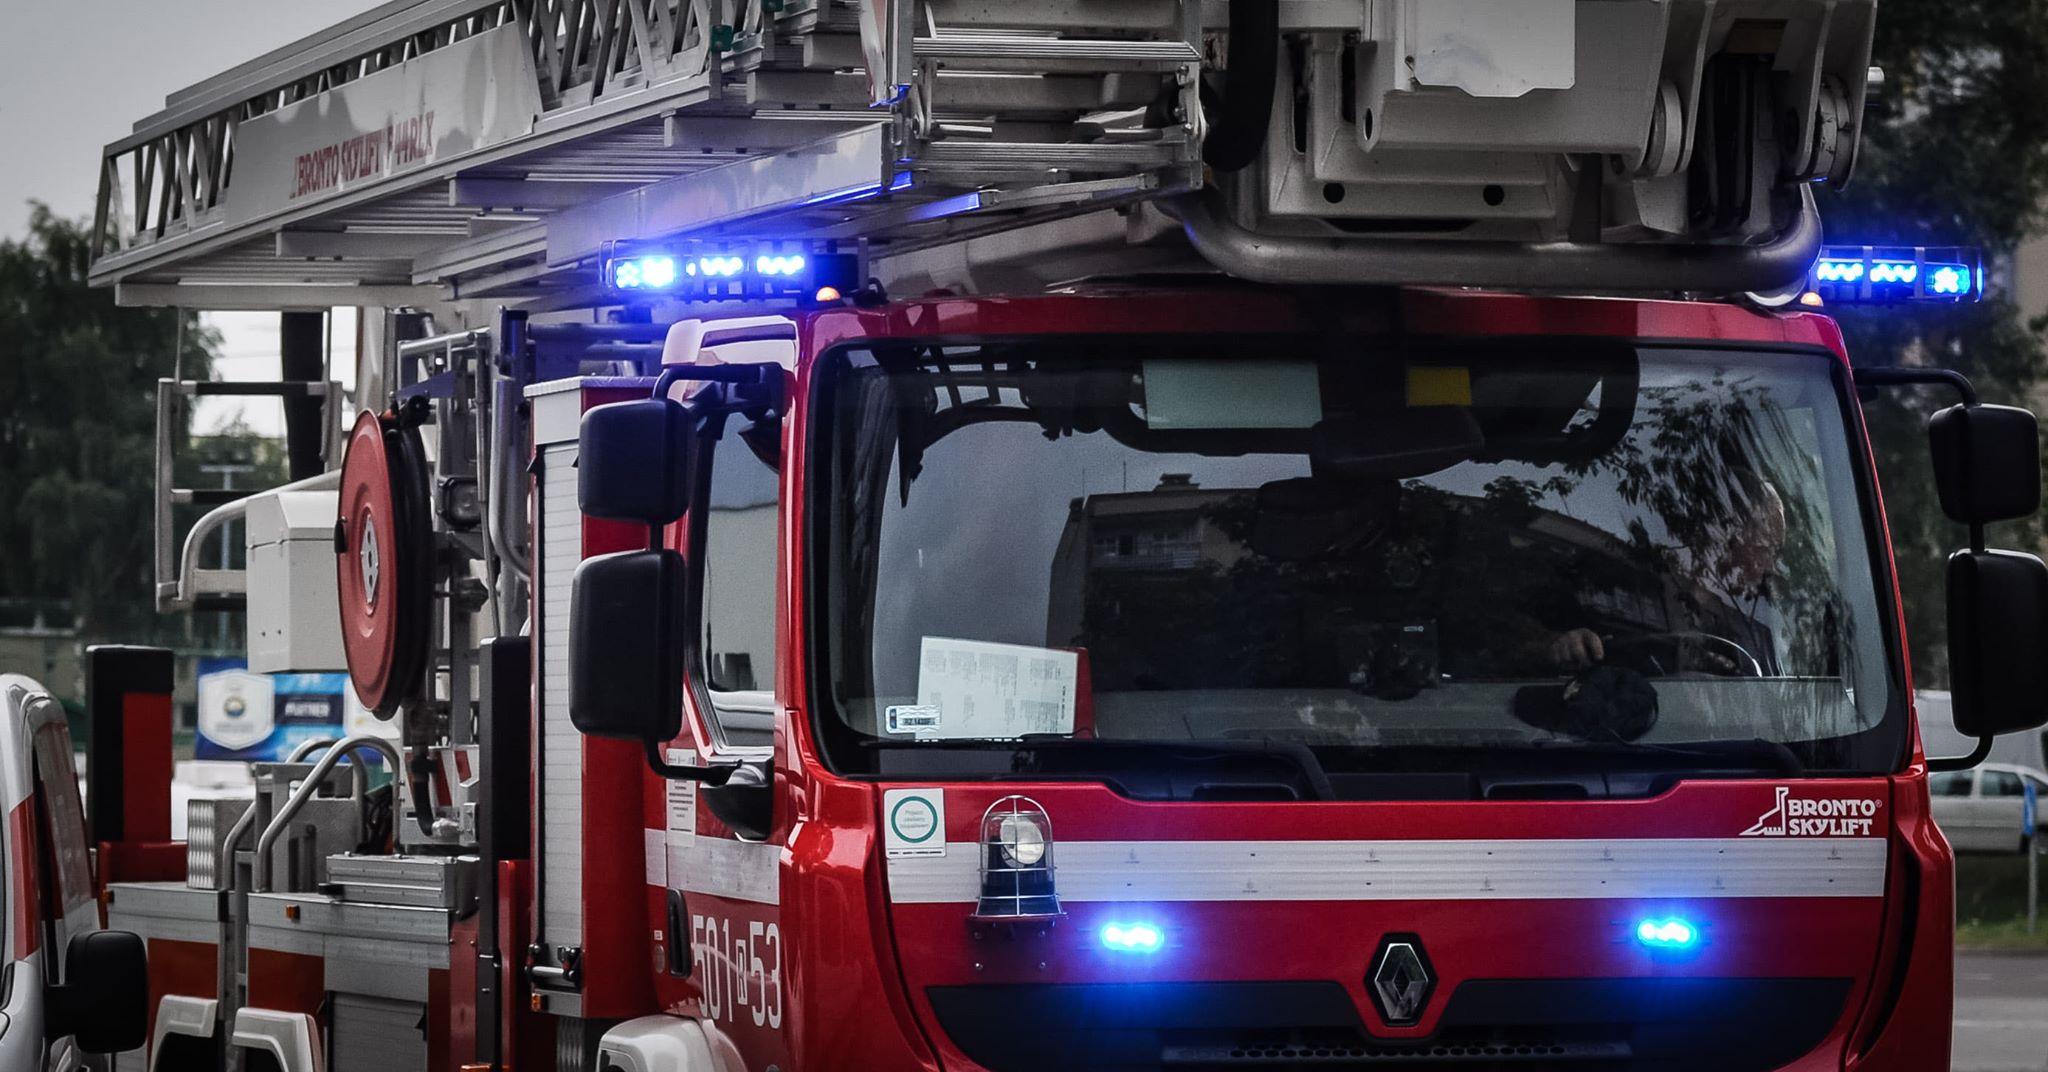 Z OSTATNIEJ CHWILI: Pożar domu. Trwa akcja gaśnicza! - Zdjęcie główne